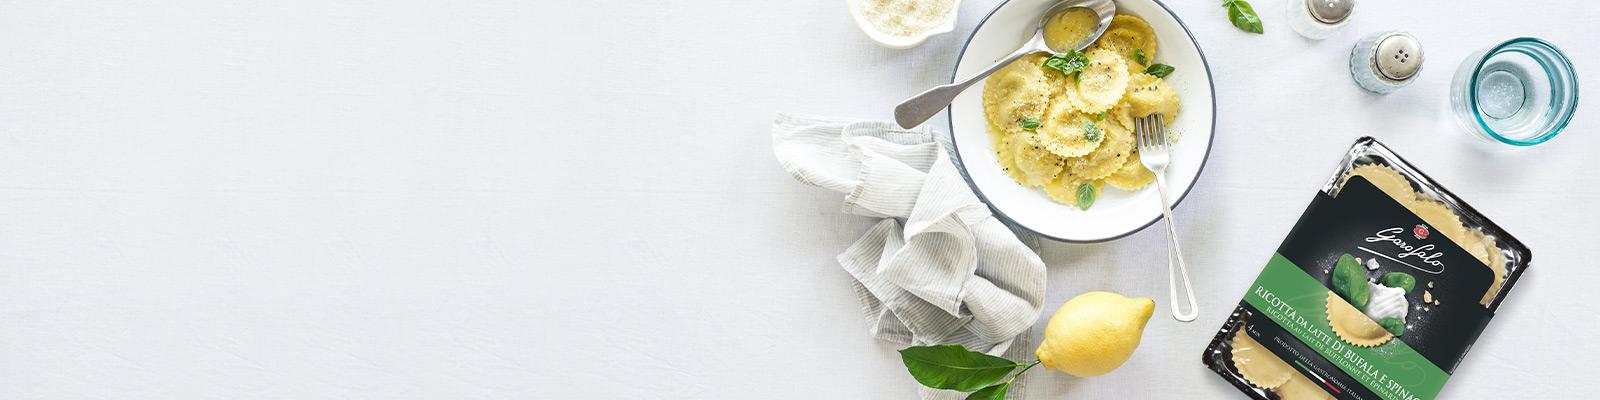 Pasta Garofalo - Pâtes Fraîches